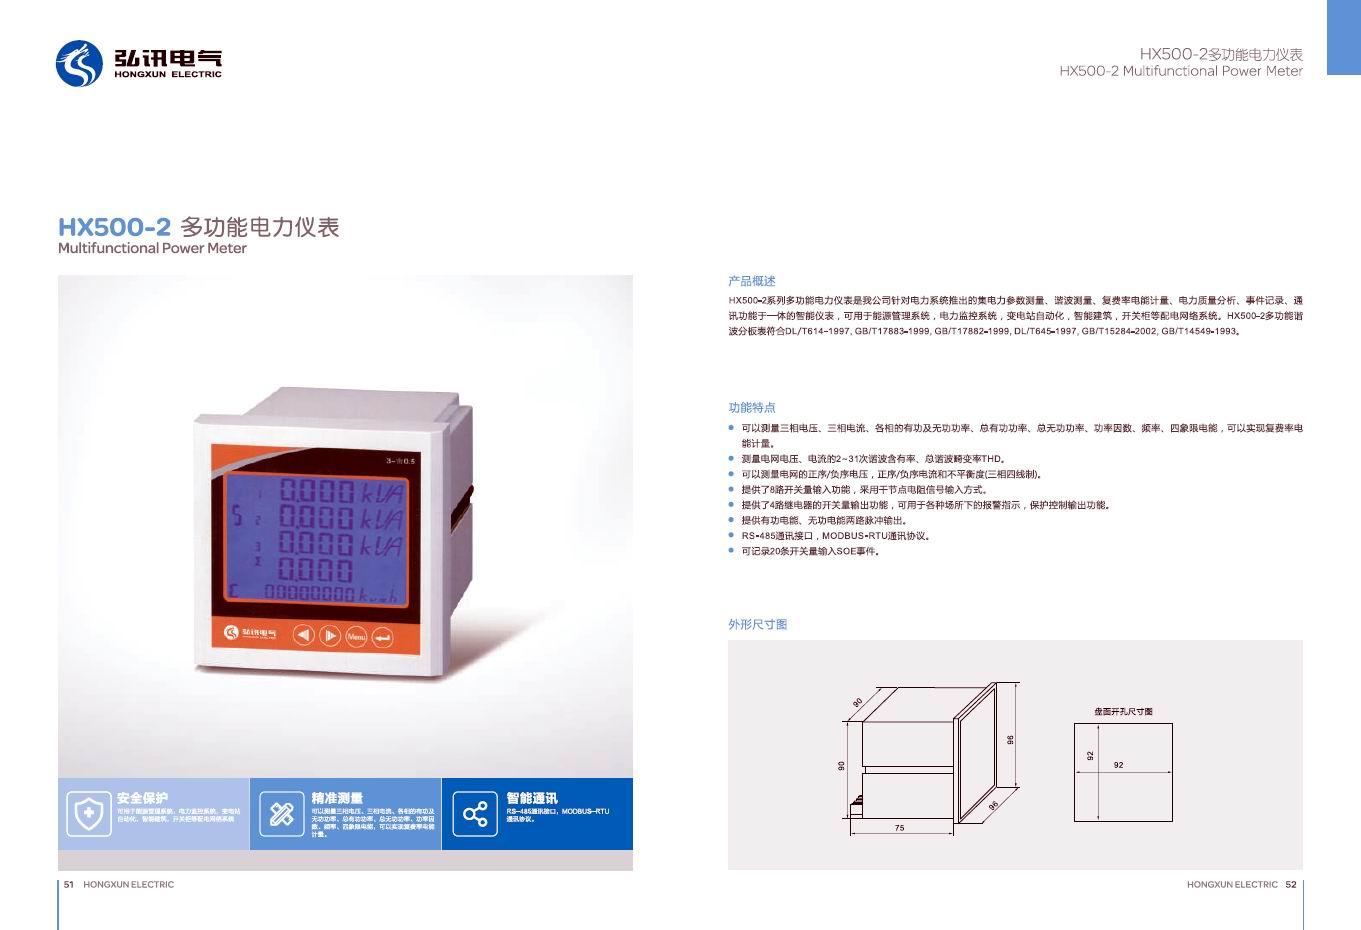 HX500-2多功能电力仪表仪器仪表系列